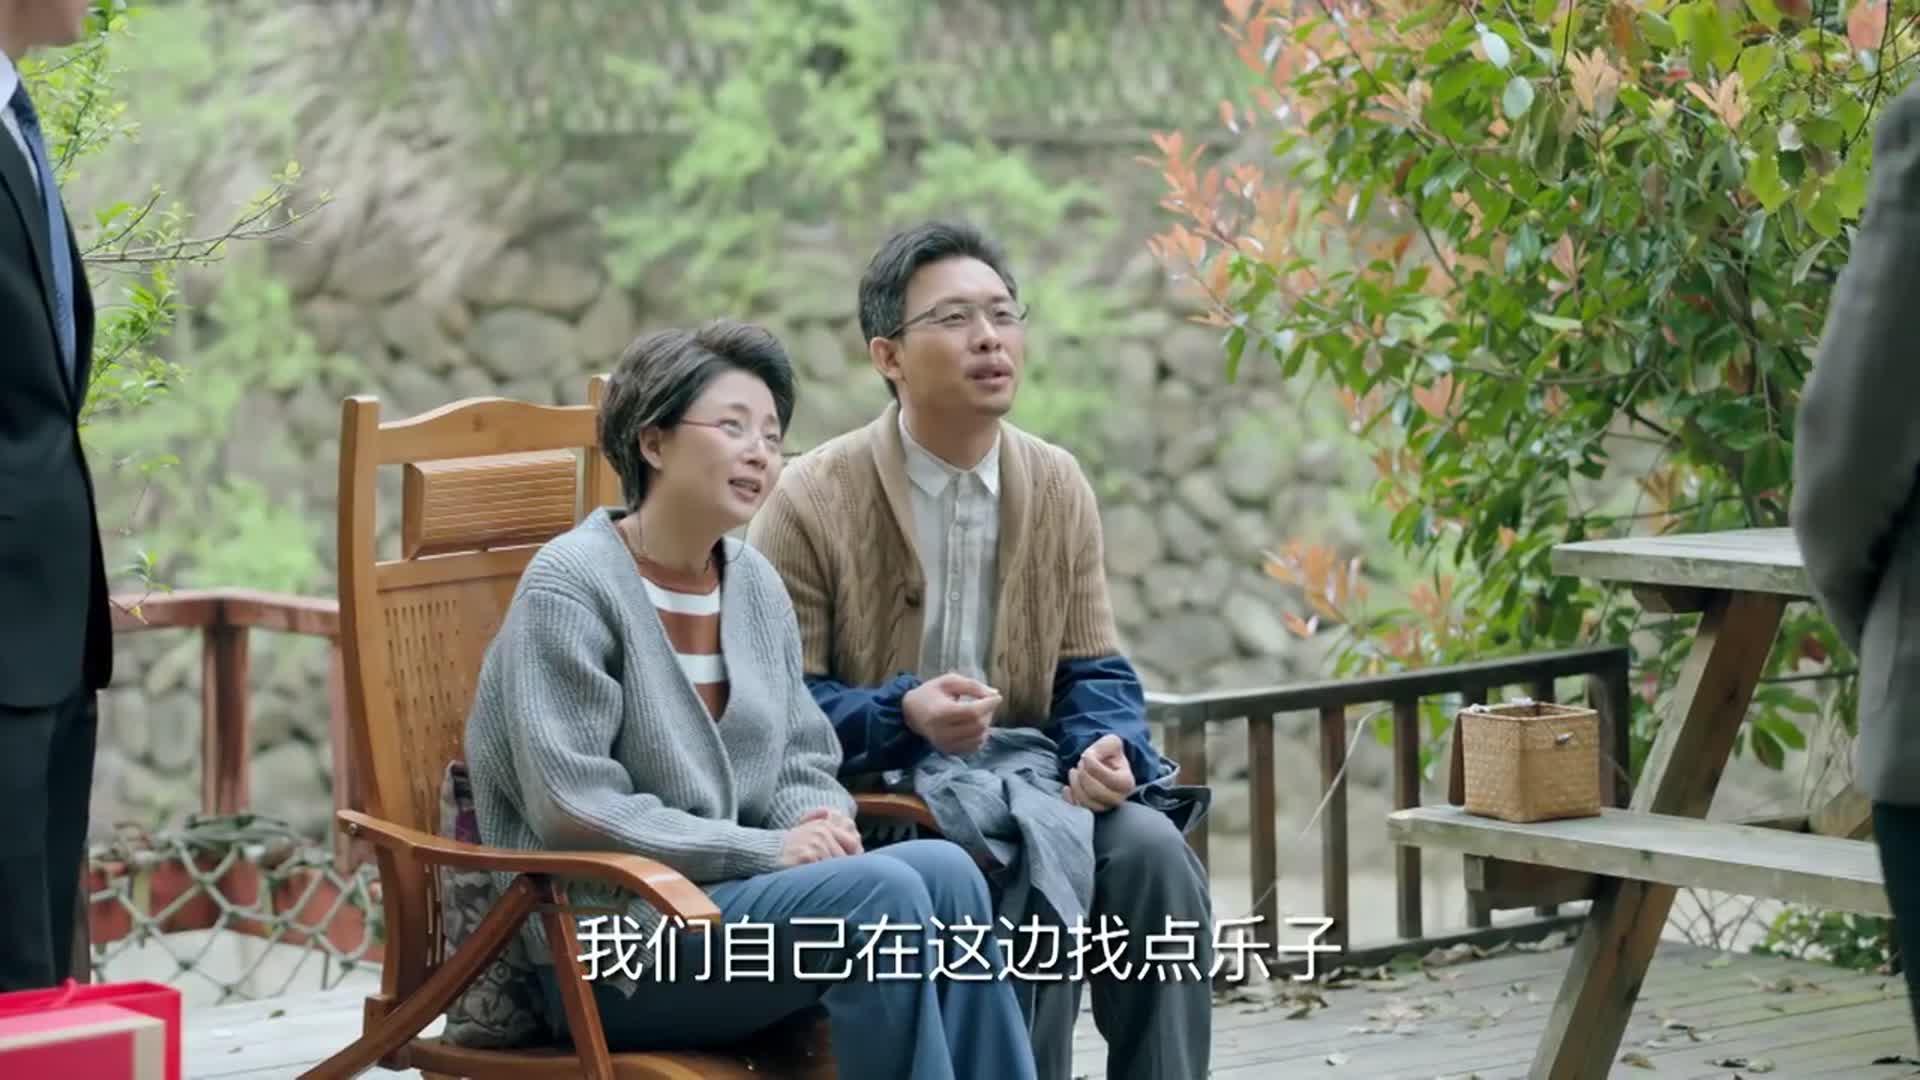 鸡毛:魏老板不发化肥,却带着礼物上门看望陈江河,原因令人吃惊